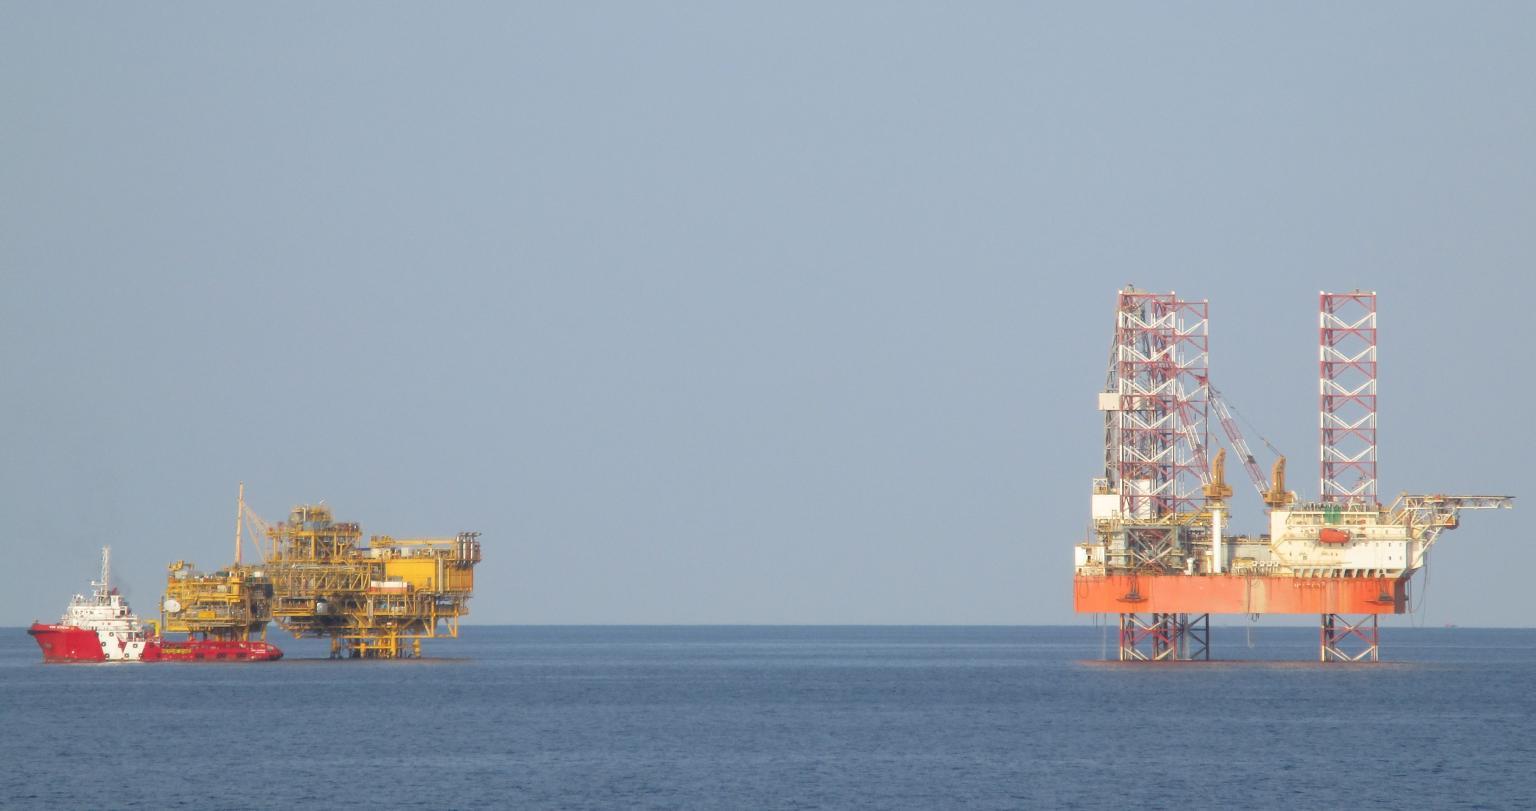 Para contratos offshore no Rio de Janeiro, Wilhelmsen Ship inicia processo seletivo para Marinheiro de Máquinas